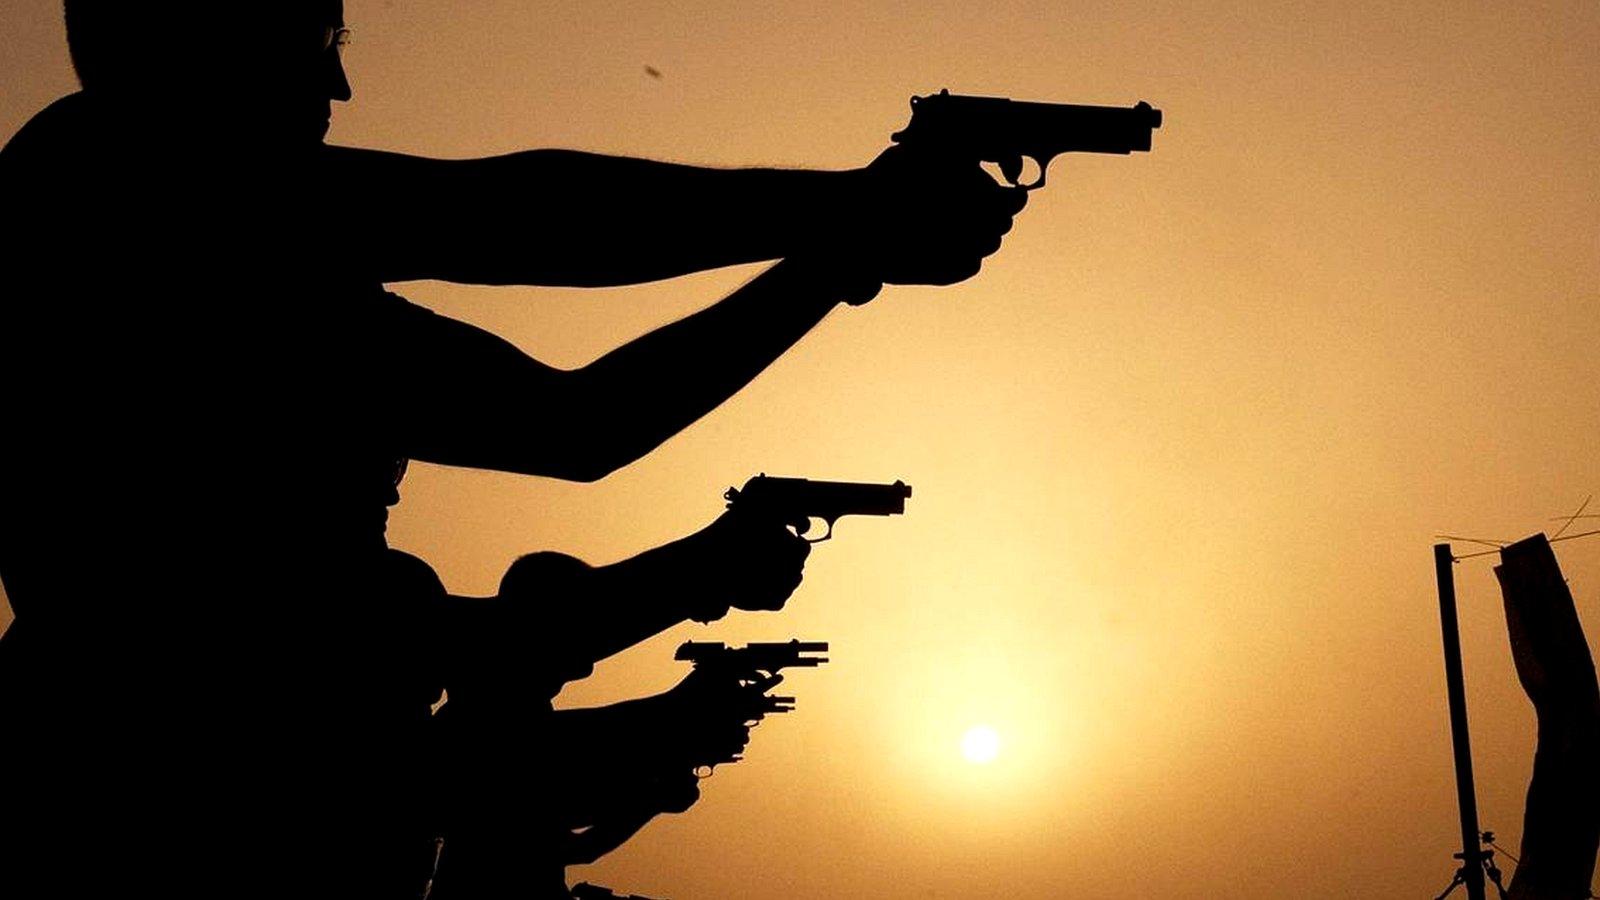 Подпольный цех по переделке огнестрельного оружия ликвидирован в Алматы